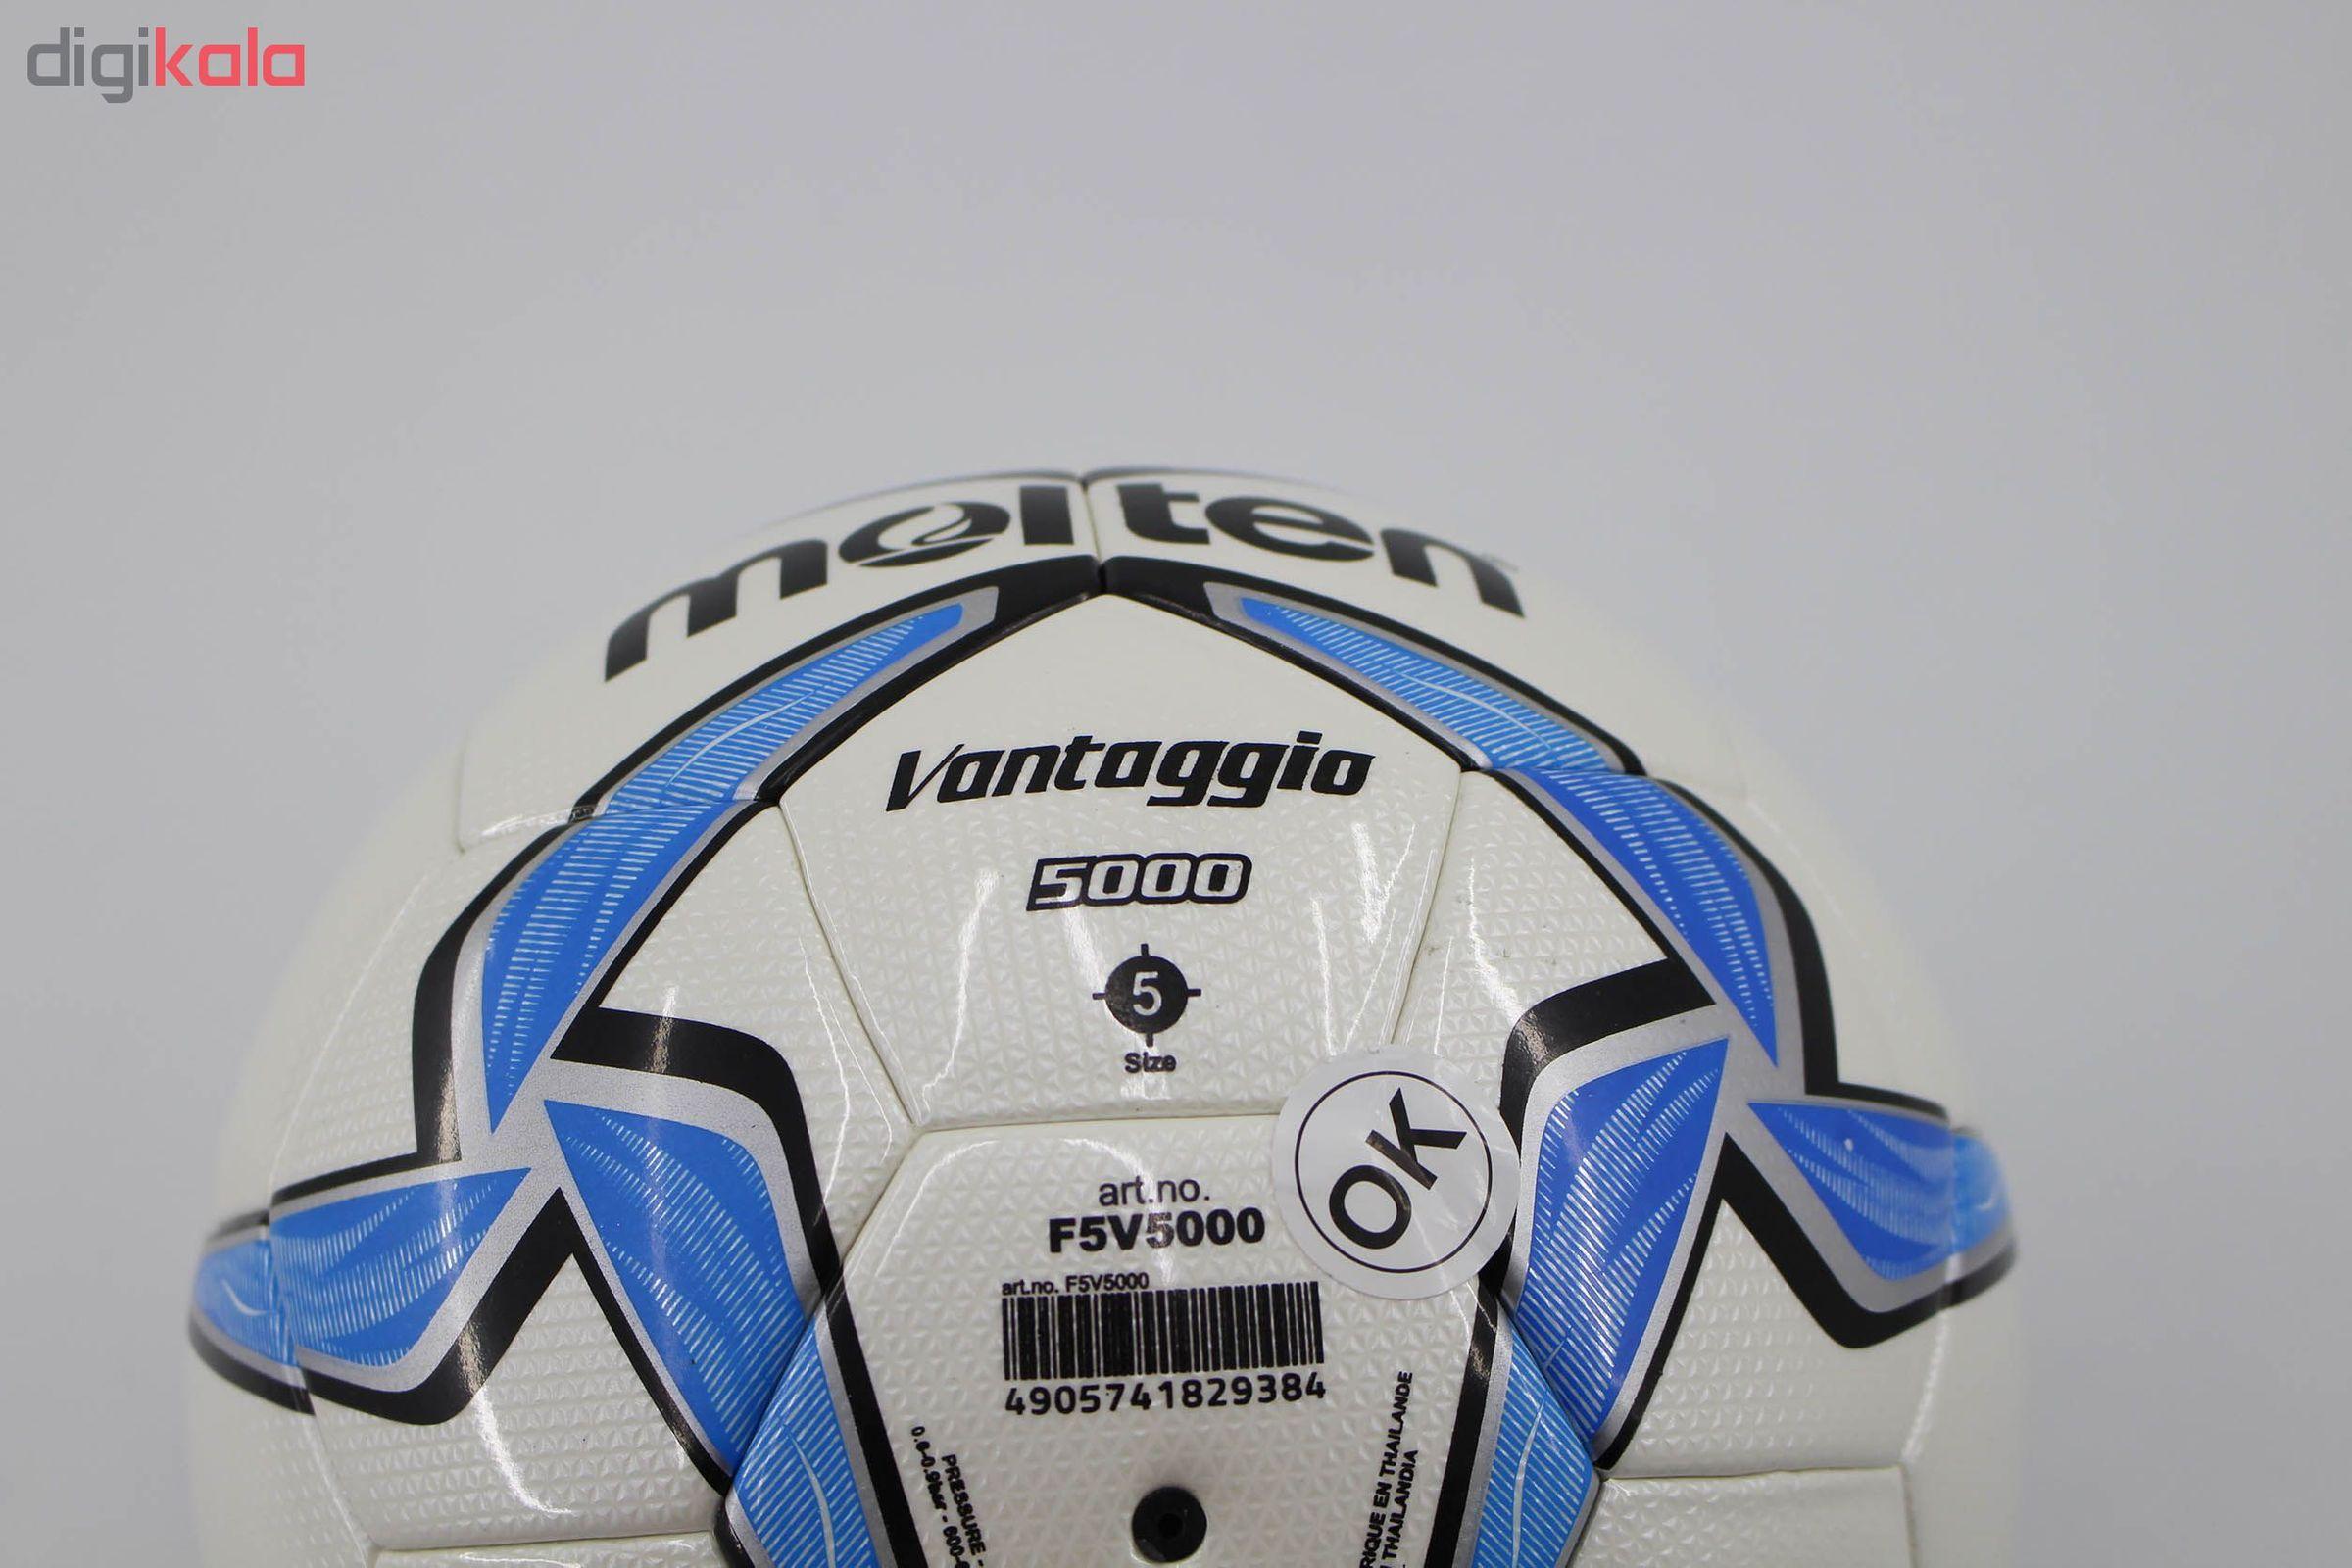 توپ فوتبال مدل Vantiaggio 5000 main 1 4